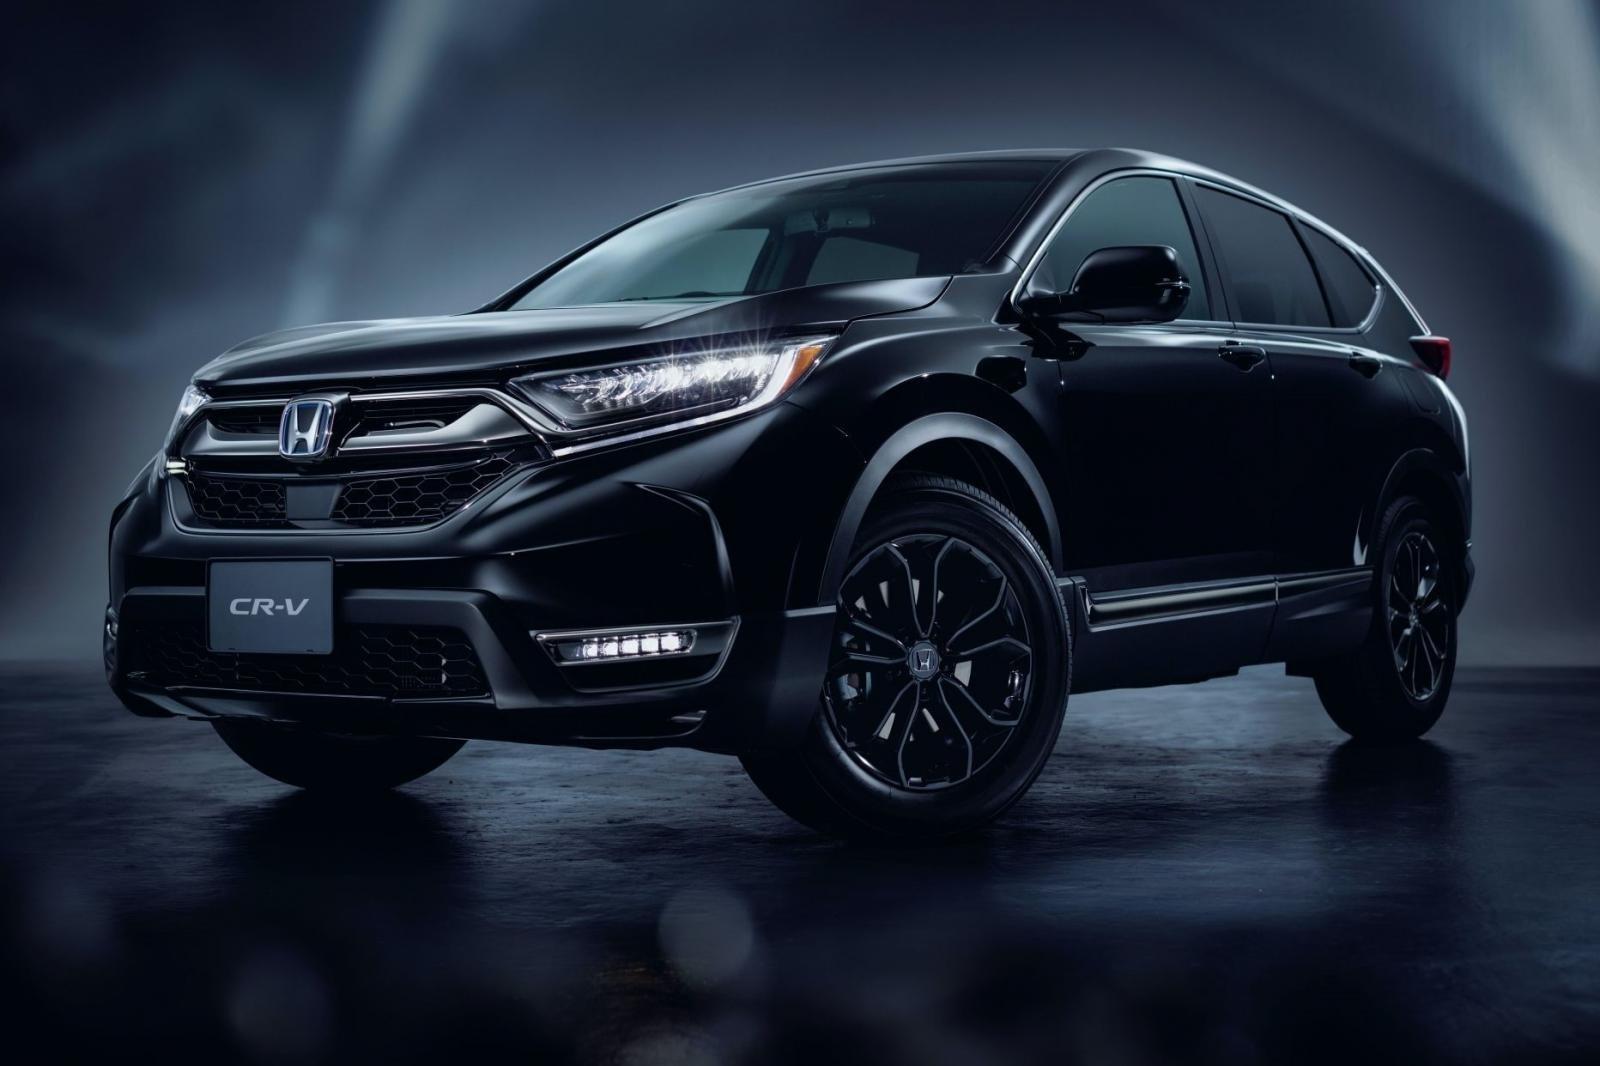 Honda CR-V Black Edition dành riêng cho thị trường Nhật Bản 1